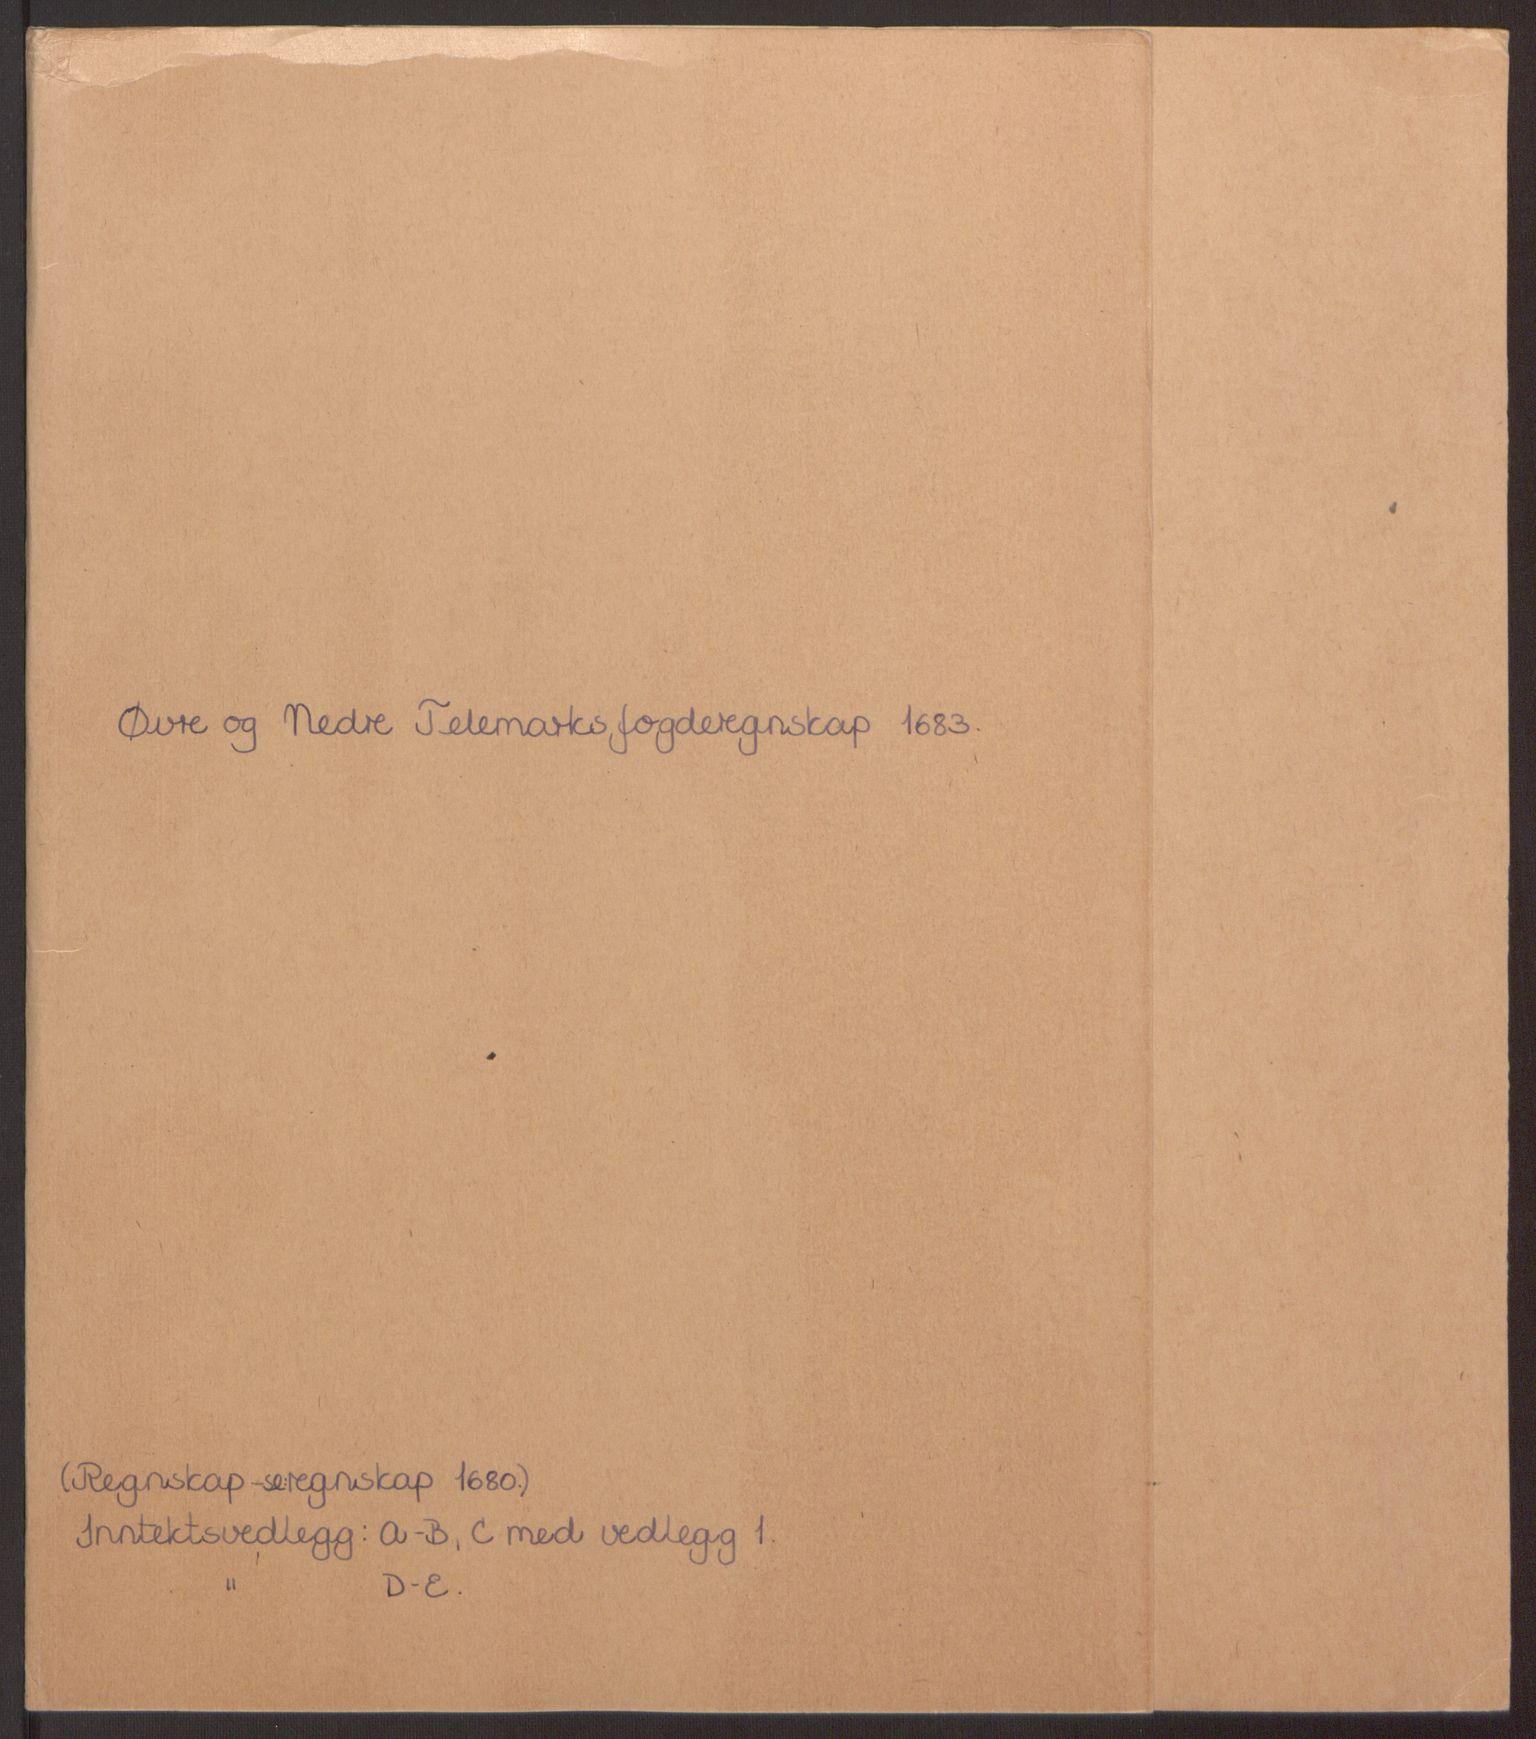 RA, Rentekammeret inntil 1814, Reviderte regnskaper, Fogderegnskap, R35/L2079: Fogderegnskap Øvre og Nedre Telemark, 1680-1684, s. 2